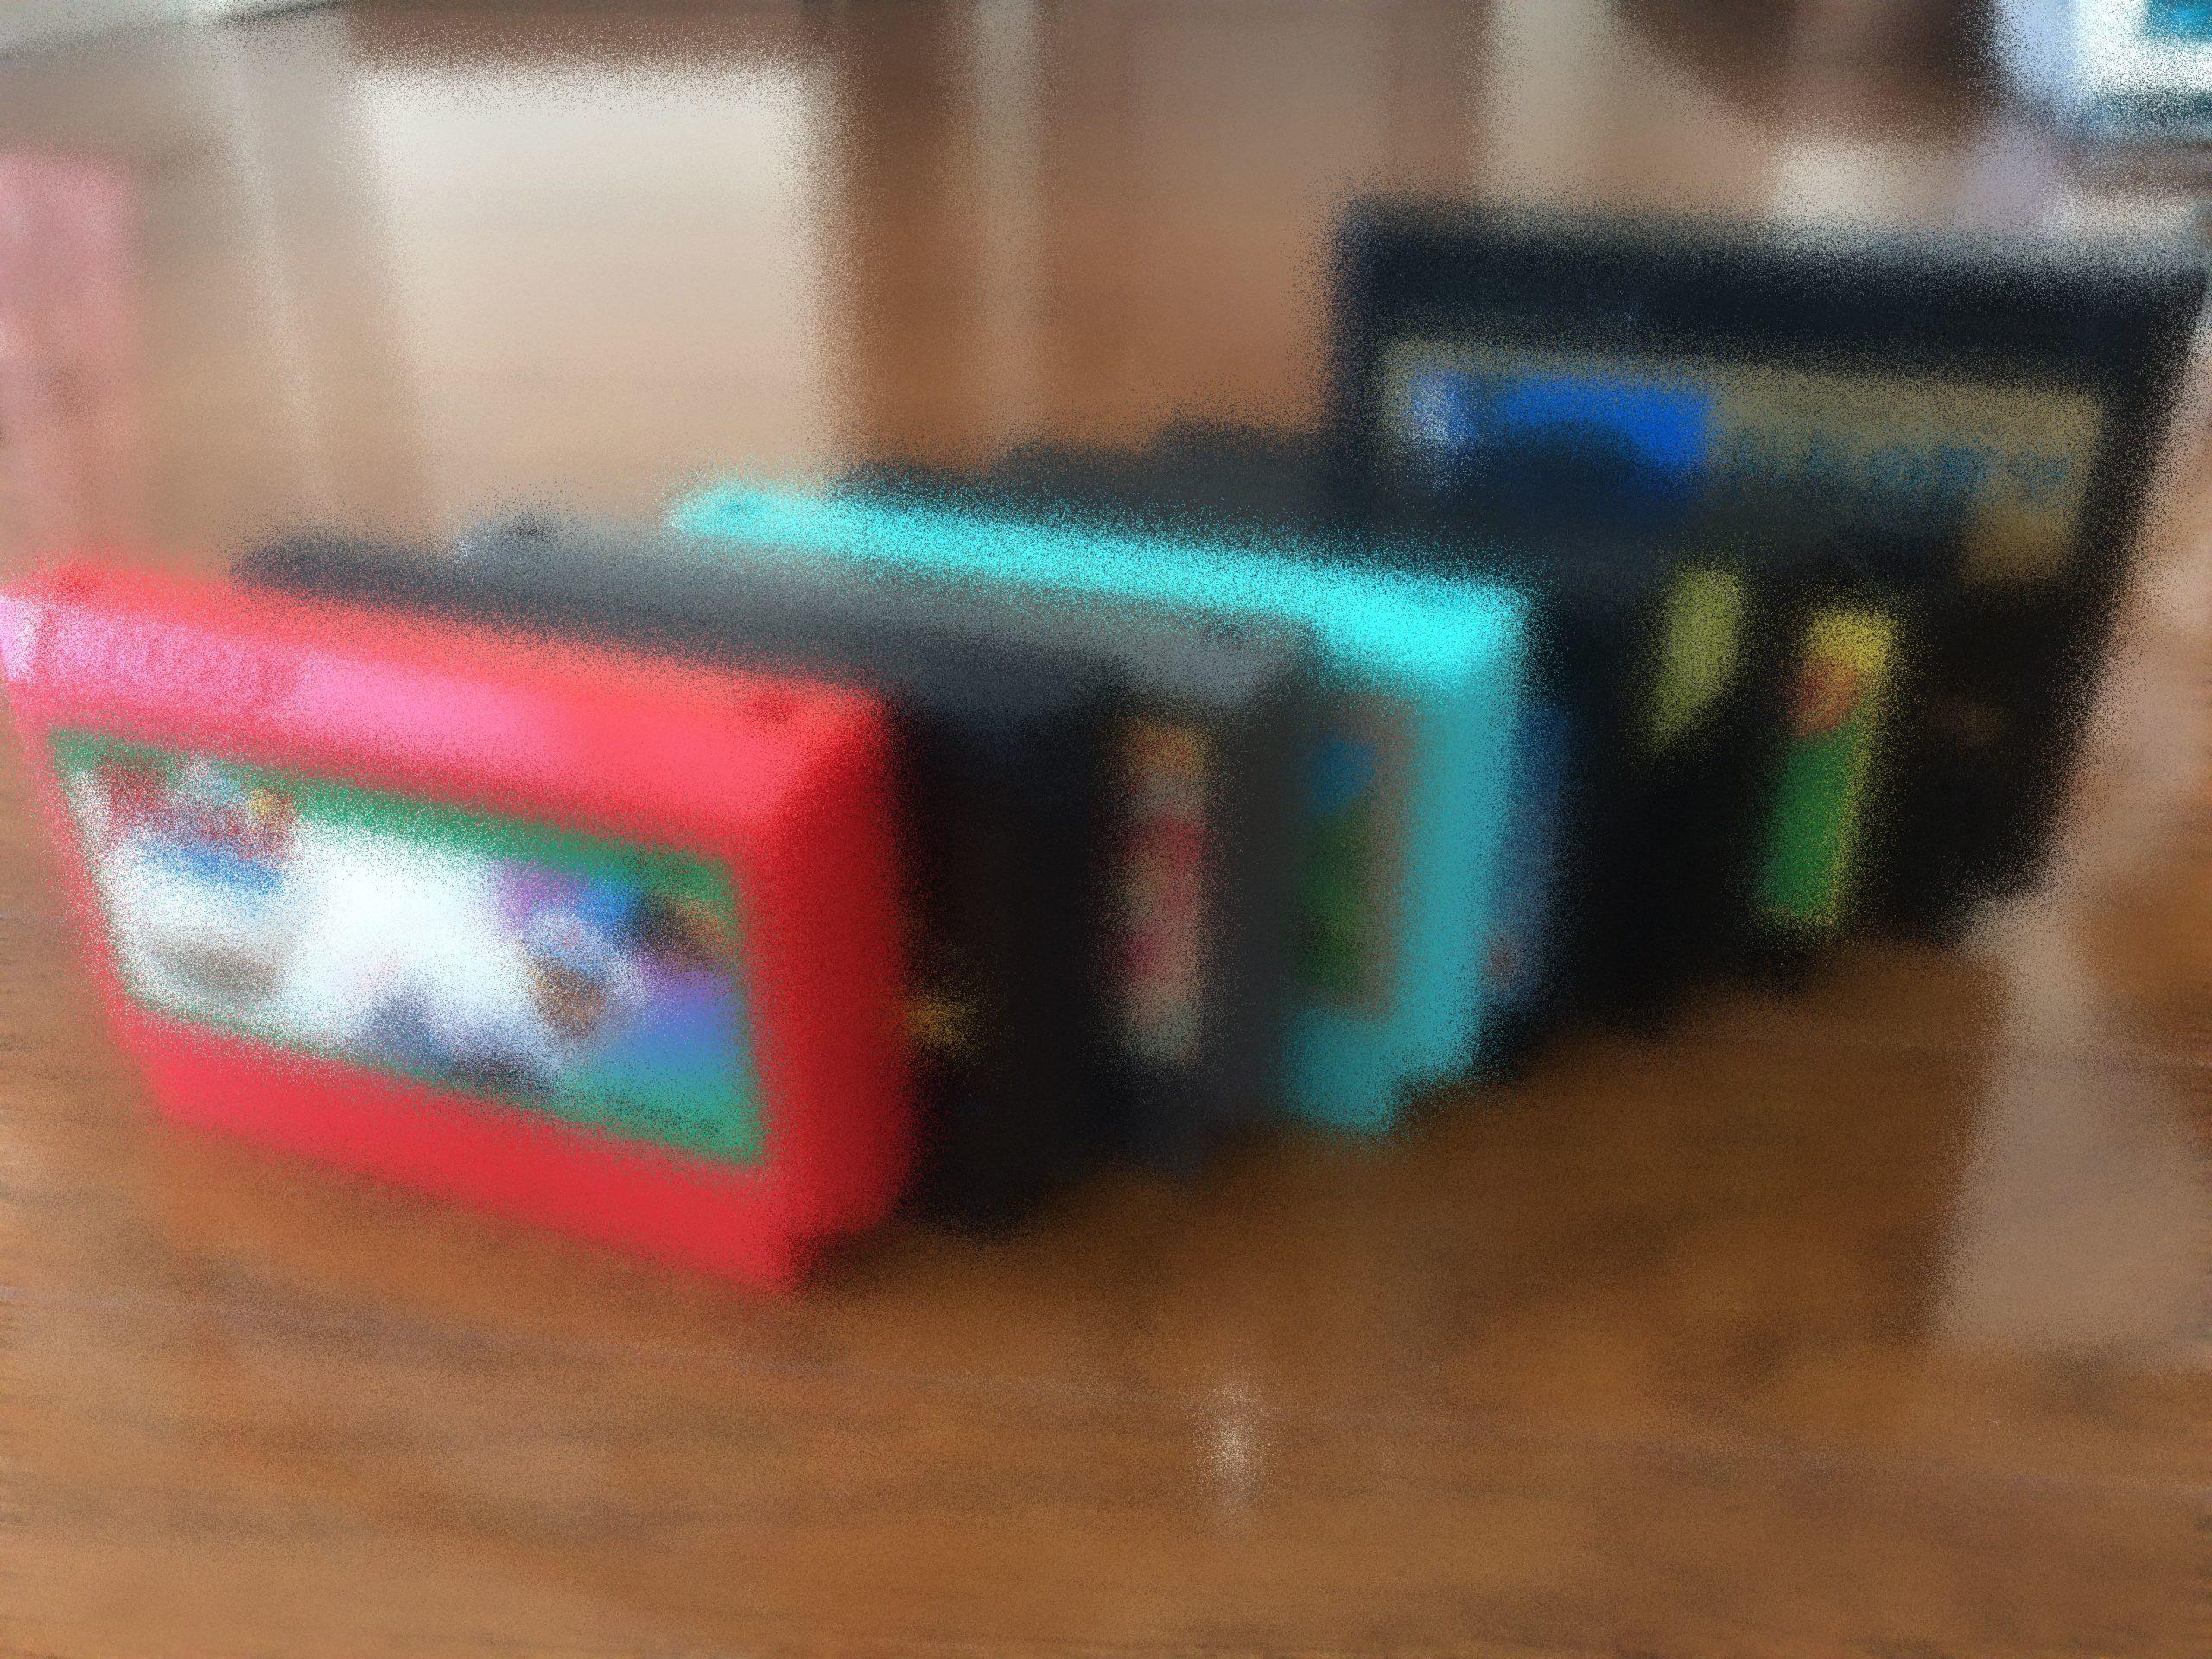 ファミコンカセット本日の成果は8本です。ダブりは2本でした。